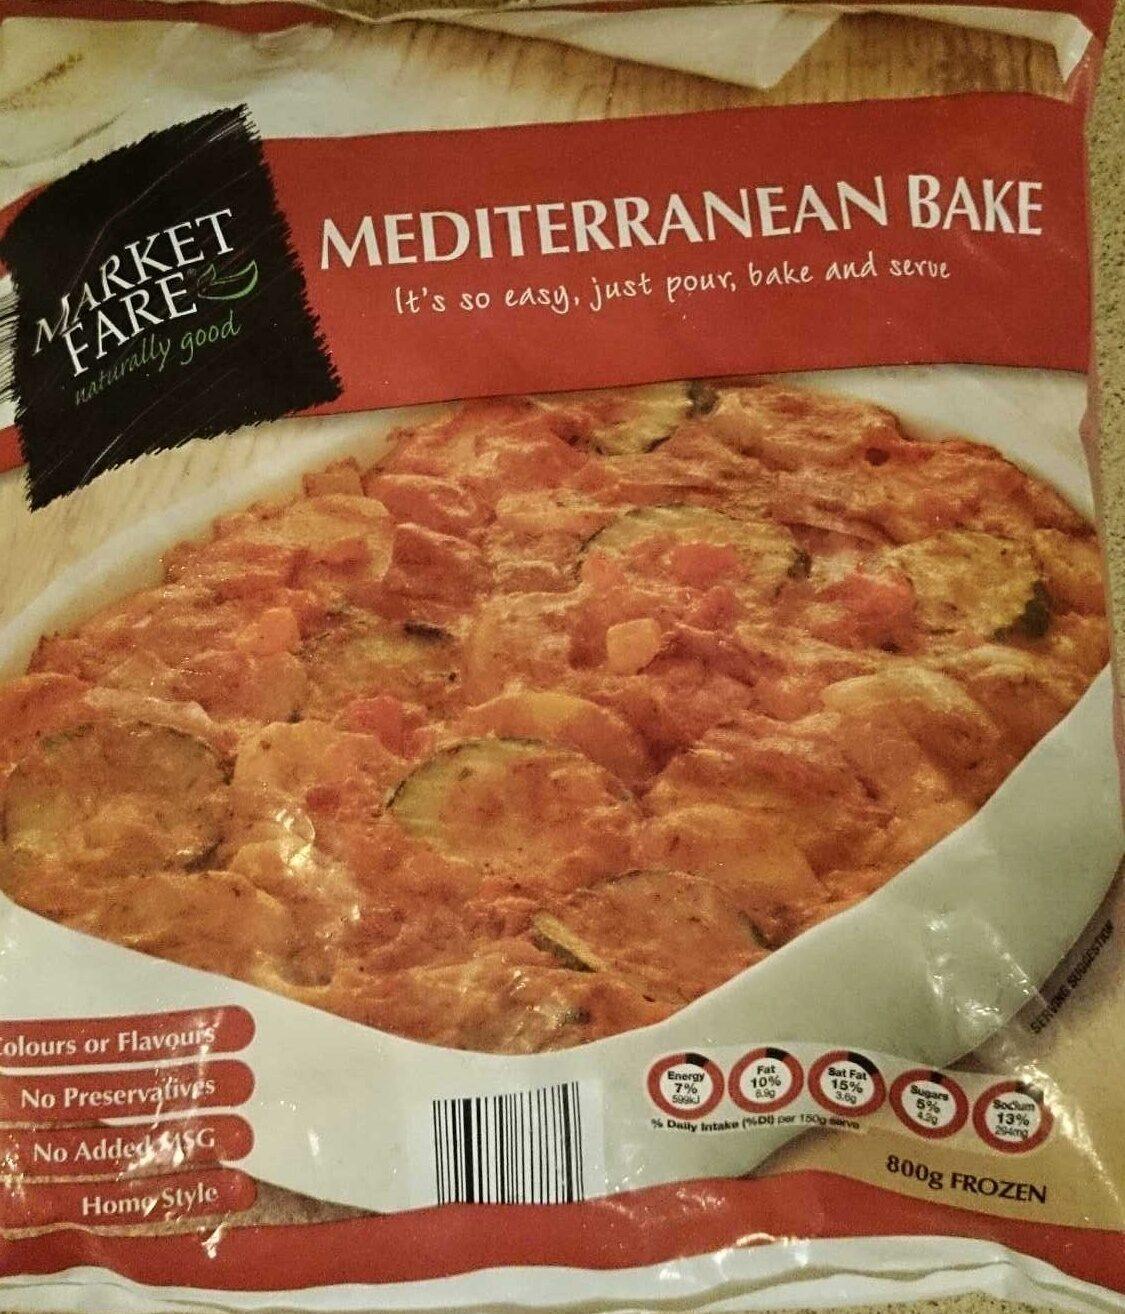 Mediterranean Bake - Product - en